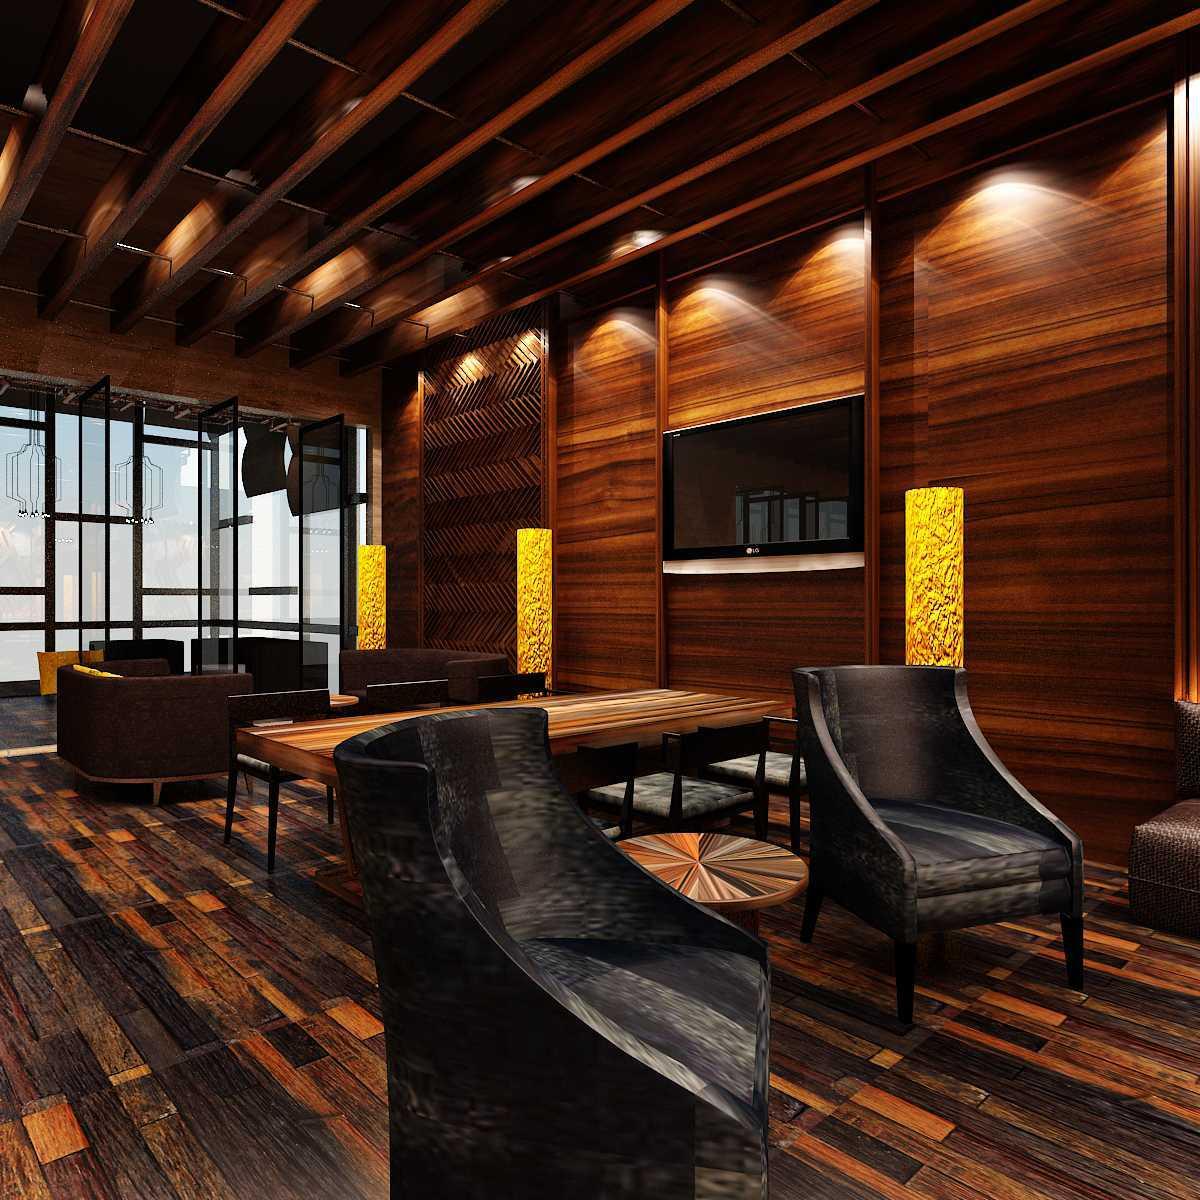 Pt Alradista Desain Indonesia Camar Lounge Pantai Indah Kapuk Pantai Indah Kapuk Lounge Contemporary 24229